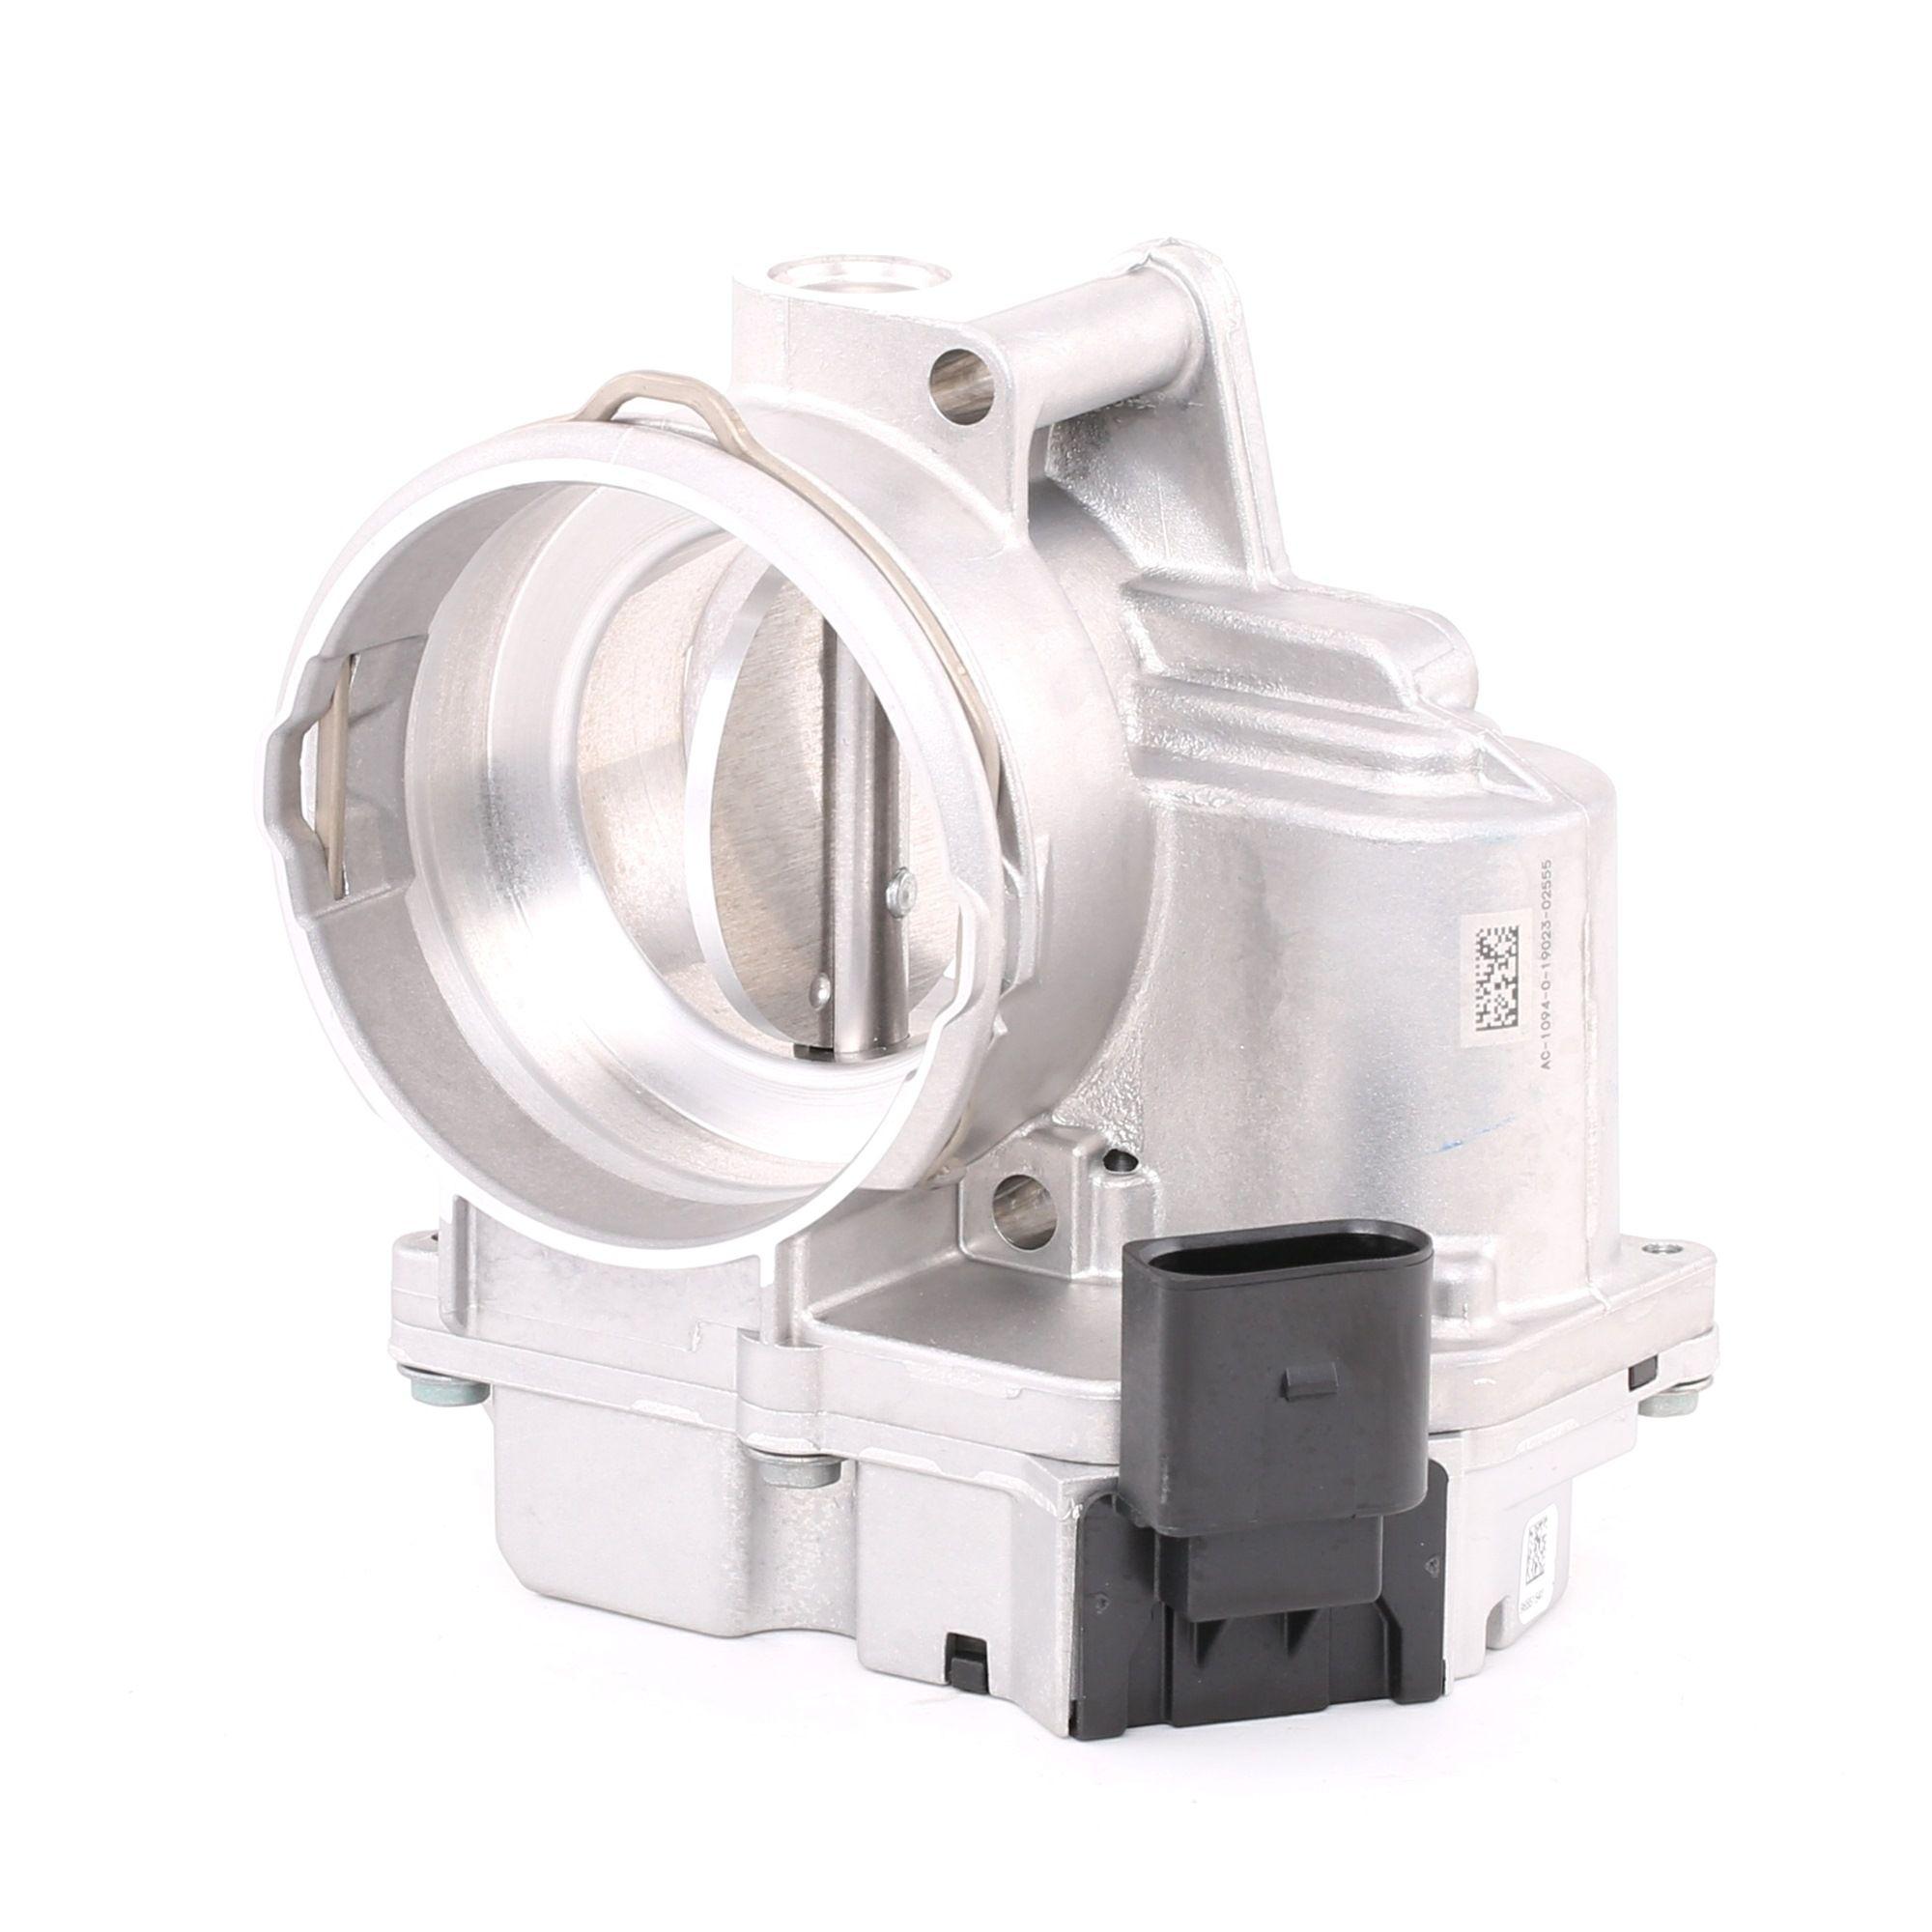 Aleta de mando, suministro de aire VDO A2C59511698 - ¡encontrar, comparar los precios y ahorrar!